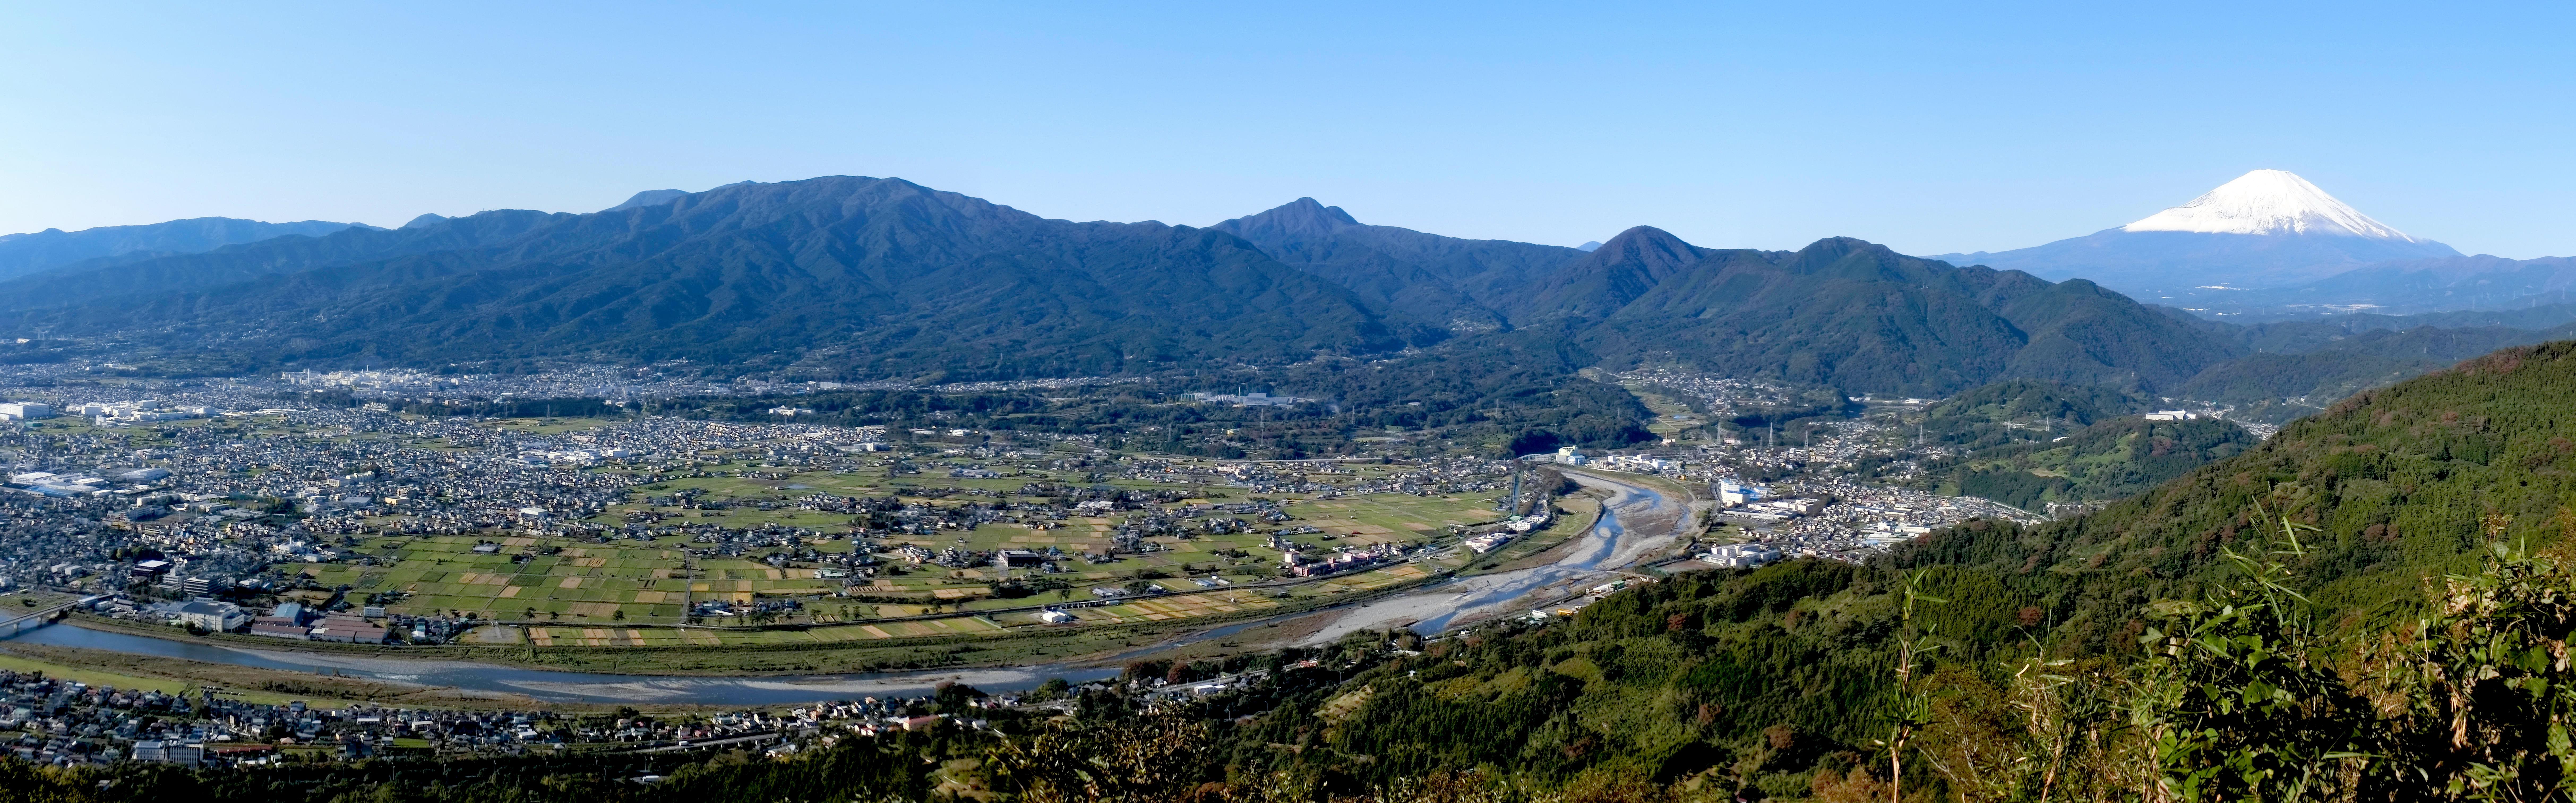 松田山から酒匂川,箱根連山(金時山,矢倉岳)富士山を望む